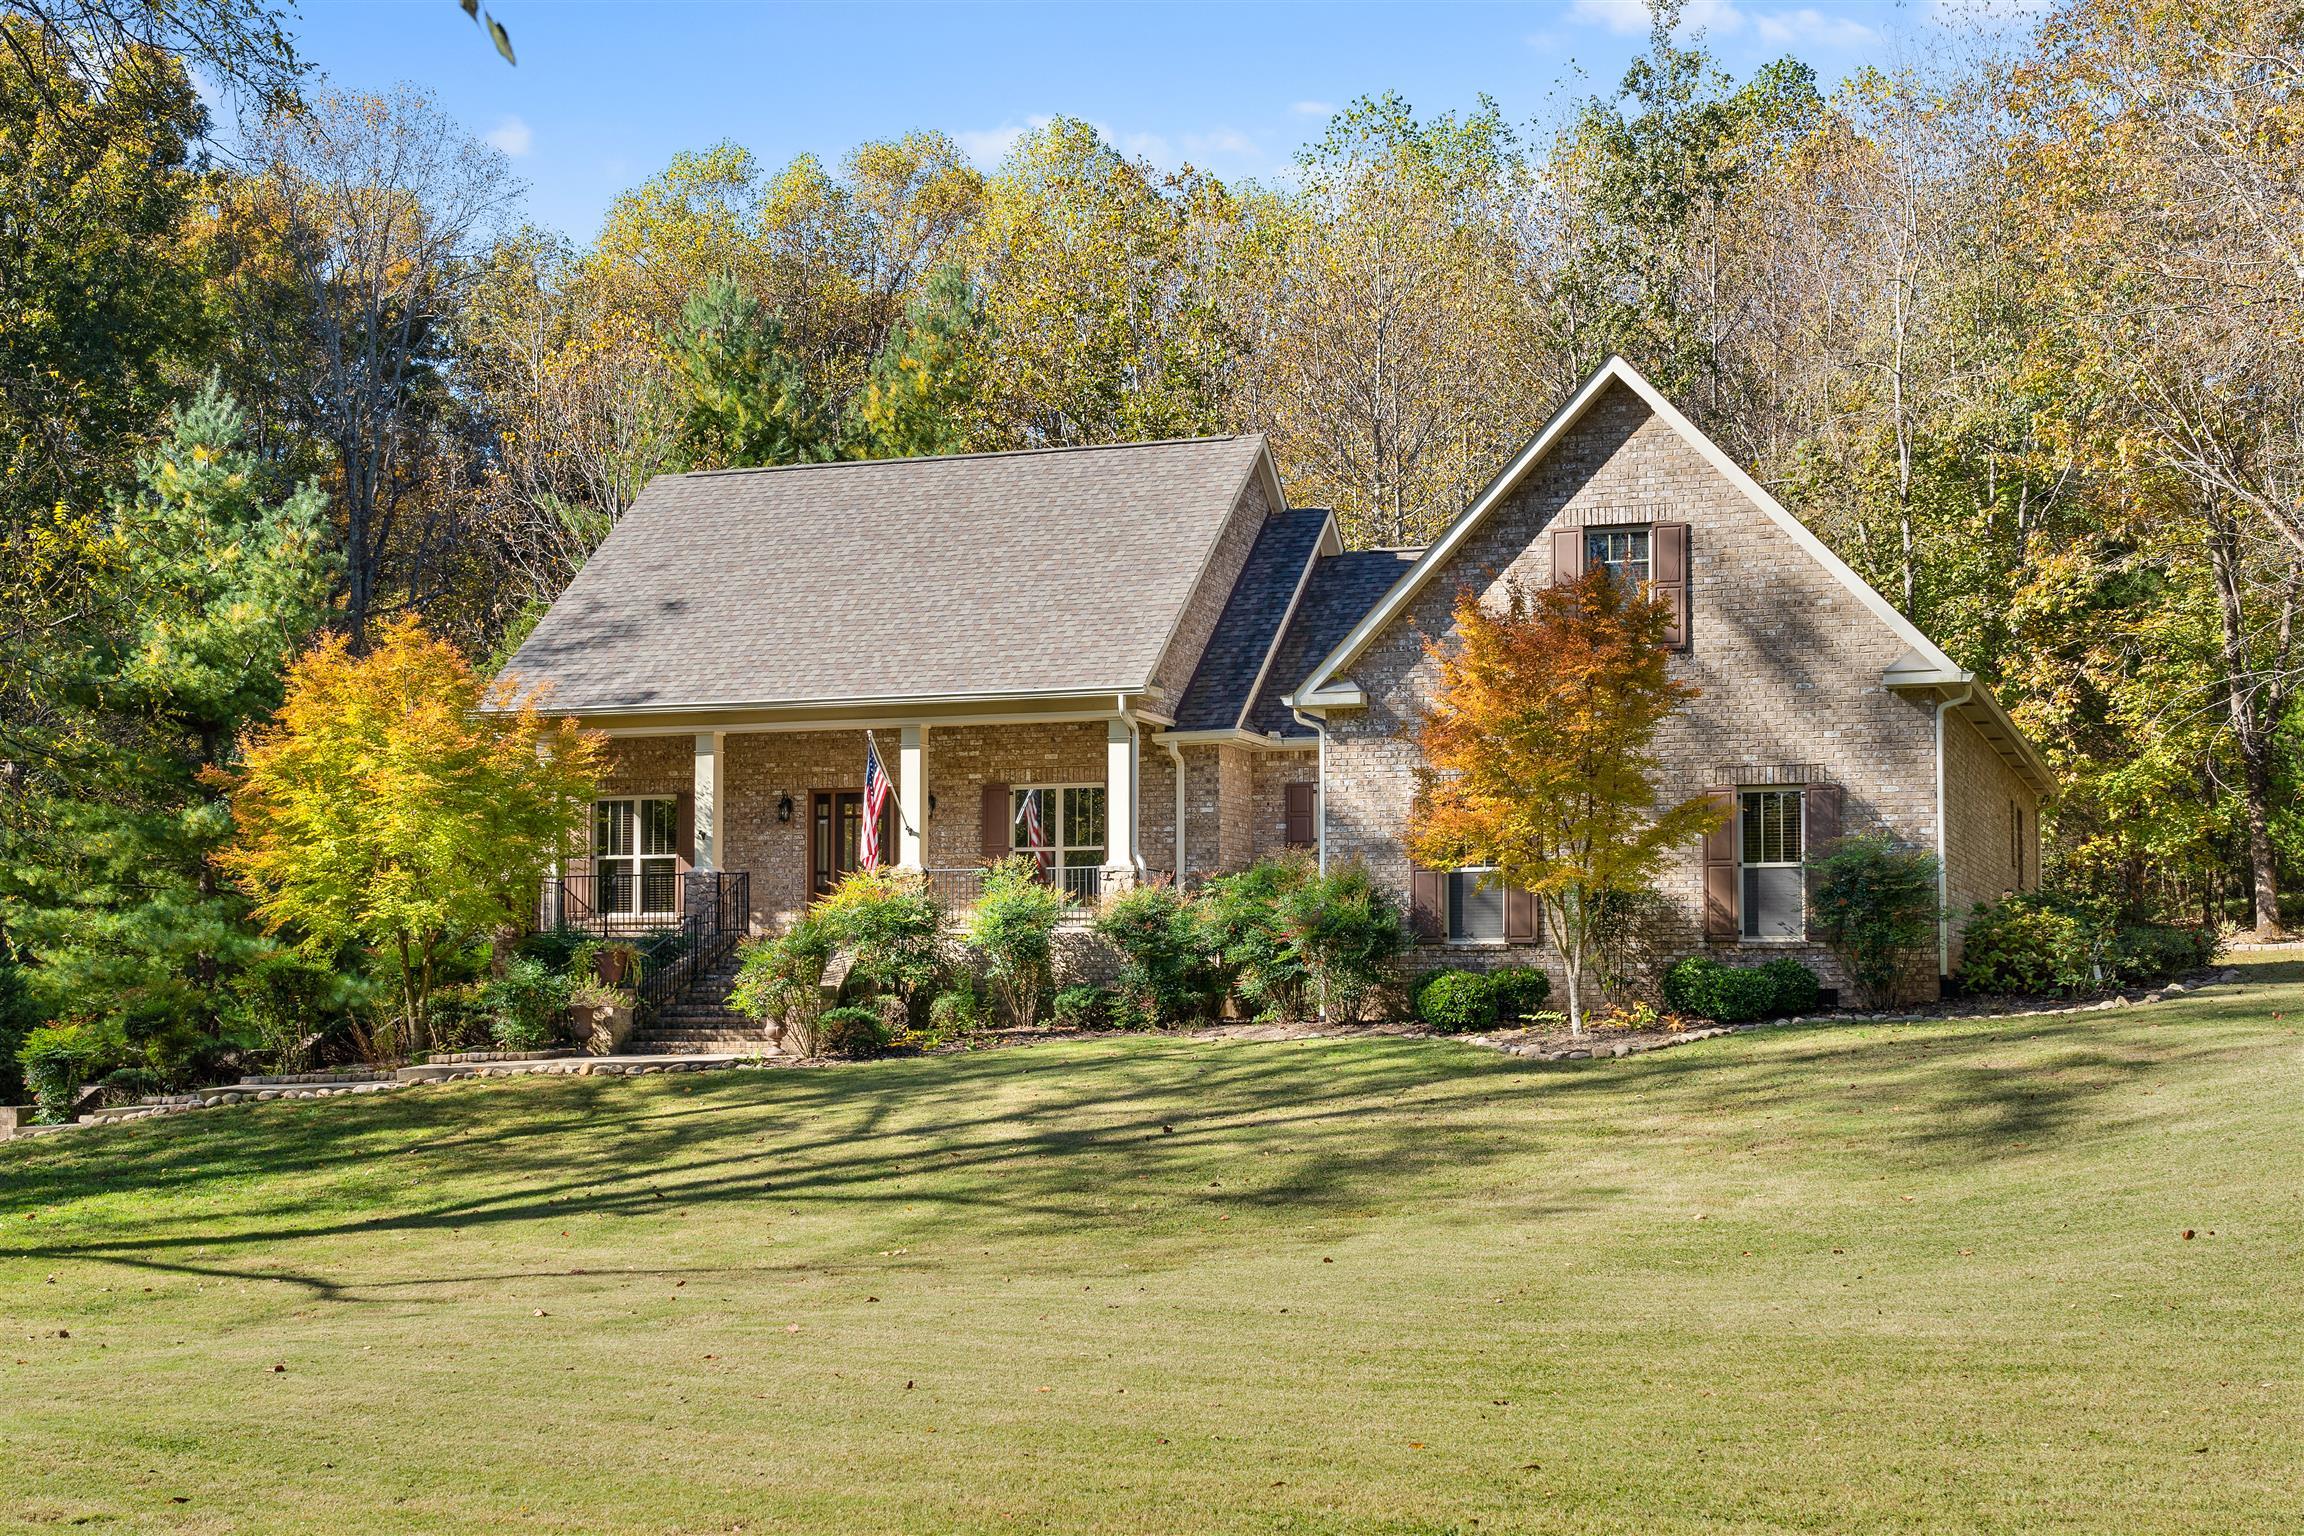 111 Kimberly Ln, Pleasant View, TN 37146 - Pleasant View, TN real estate listing